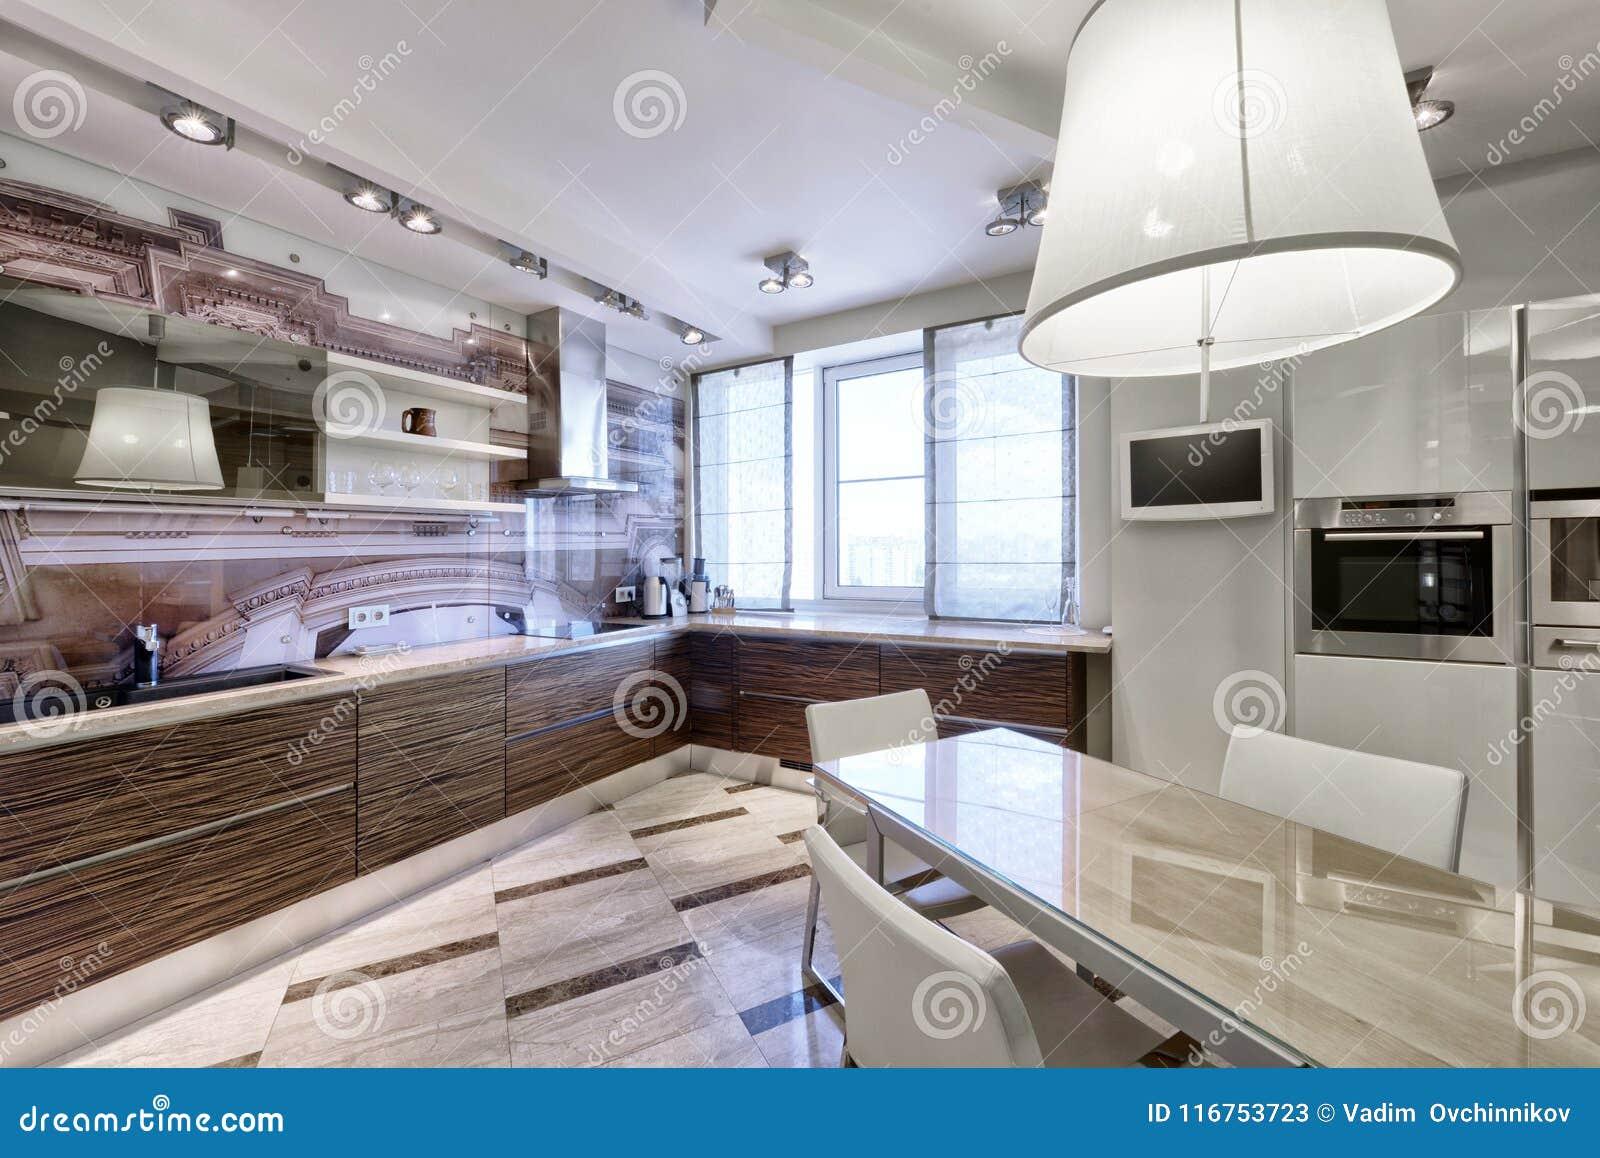 Intérieur D\'une Maison Moderne Image stock - Image du ...